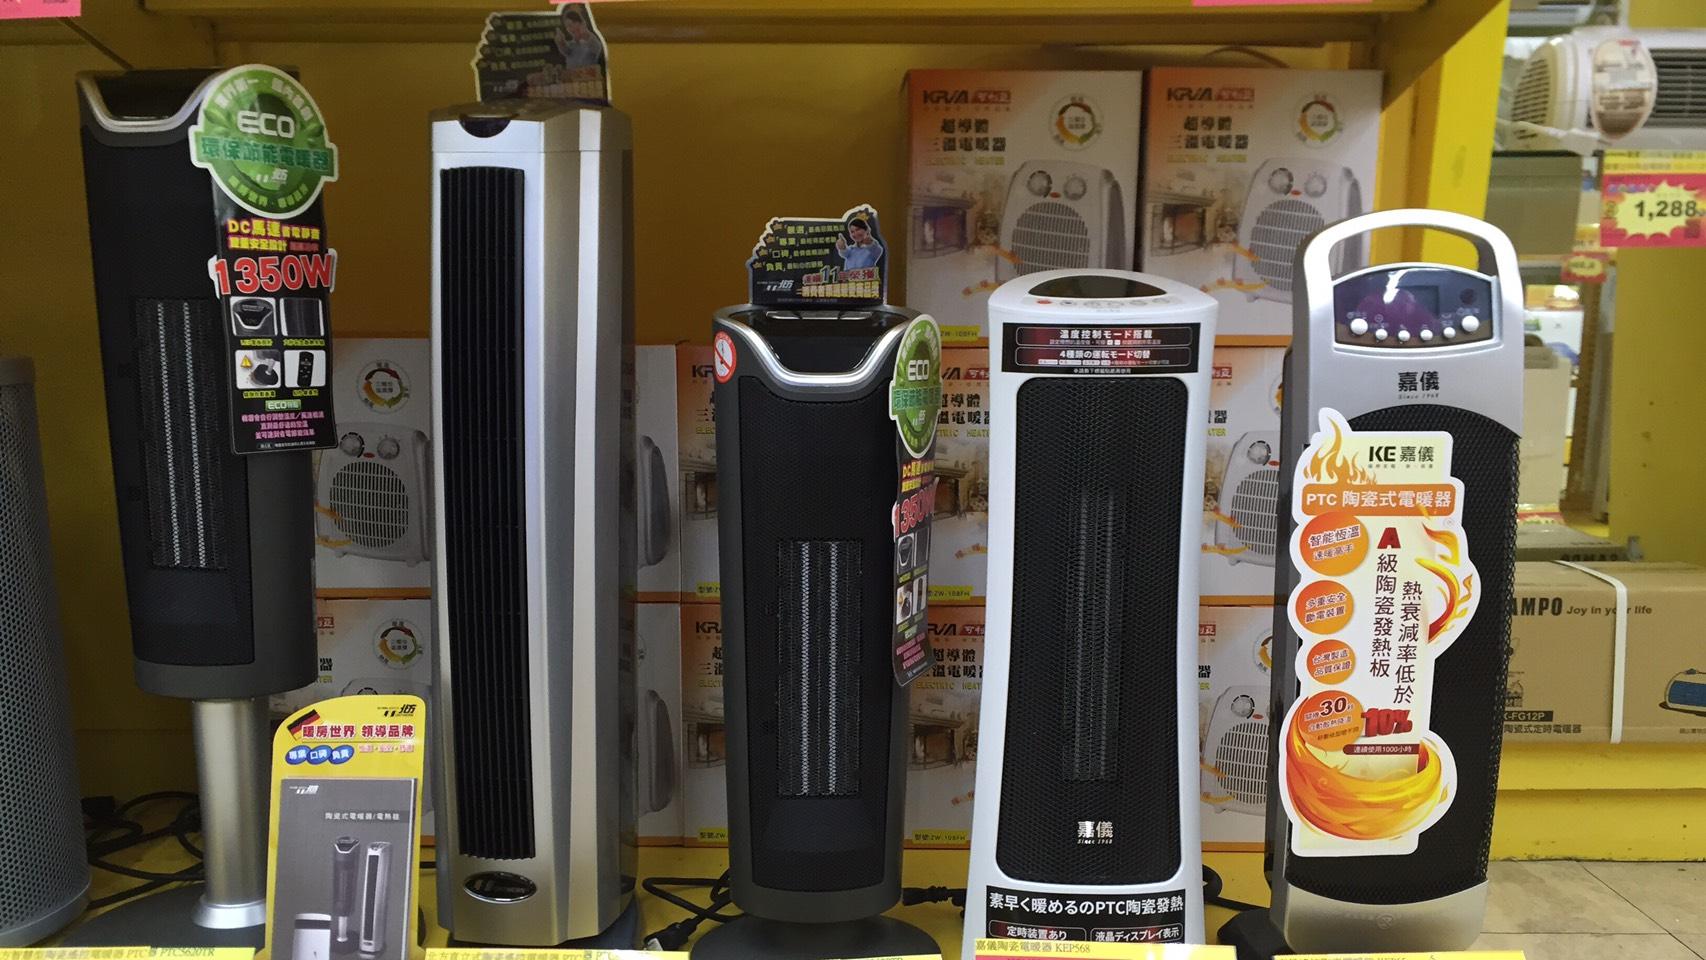 陶瓷式電暖器體積輕巧,適合小空間使用。攝影/董怡均